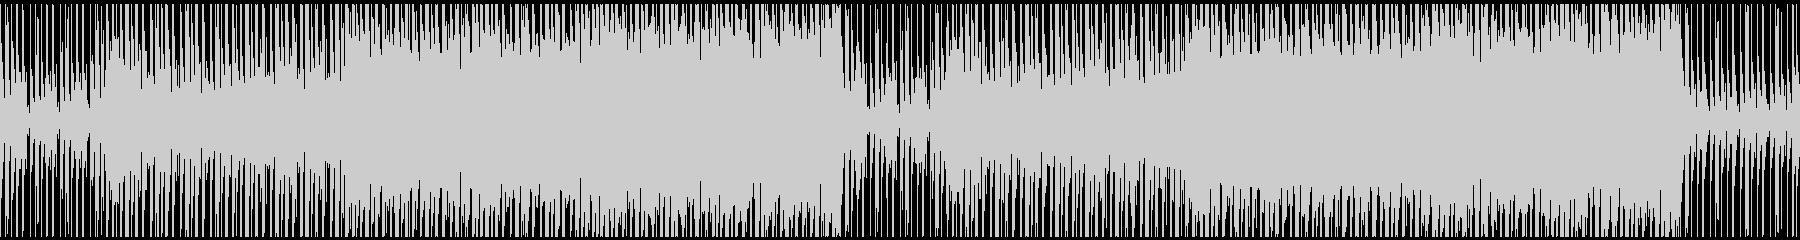 【ループ対応】動画やCMトロピカルハウスの未再生の波形